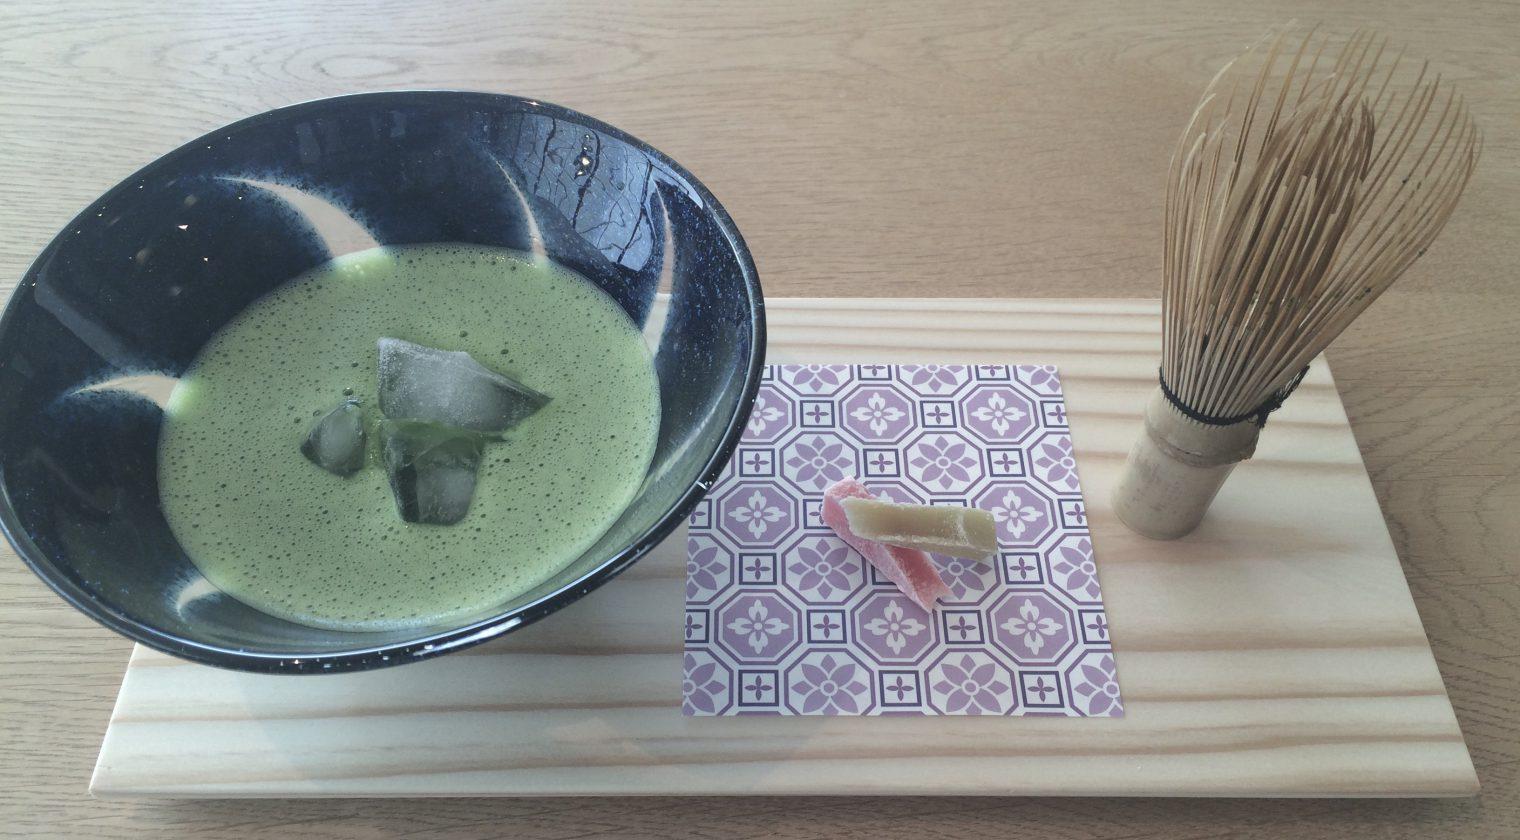 朝、心を整える 球磨禅心抹茶